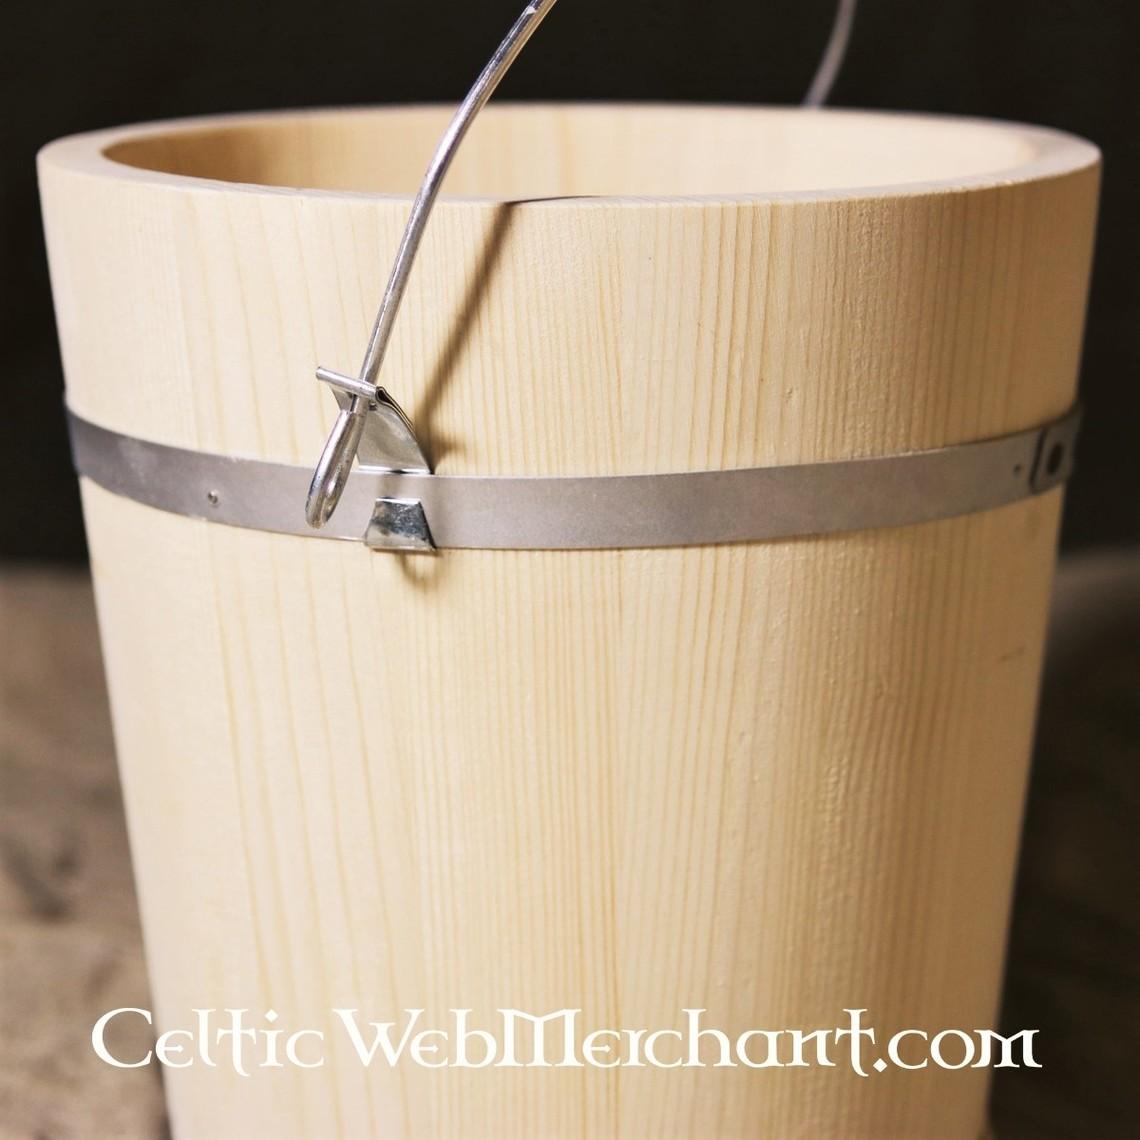 Holz-Eimer 10 Liter